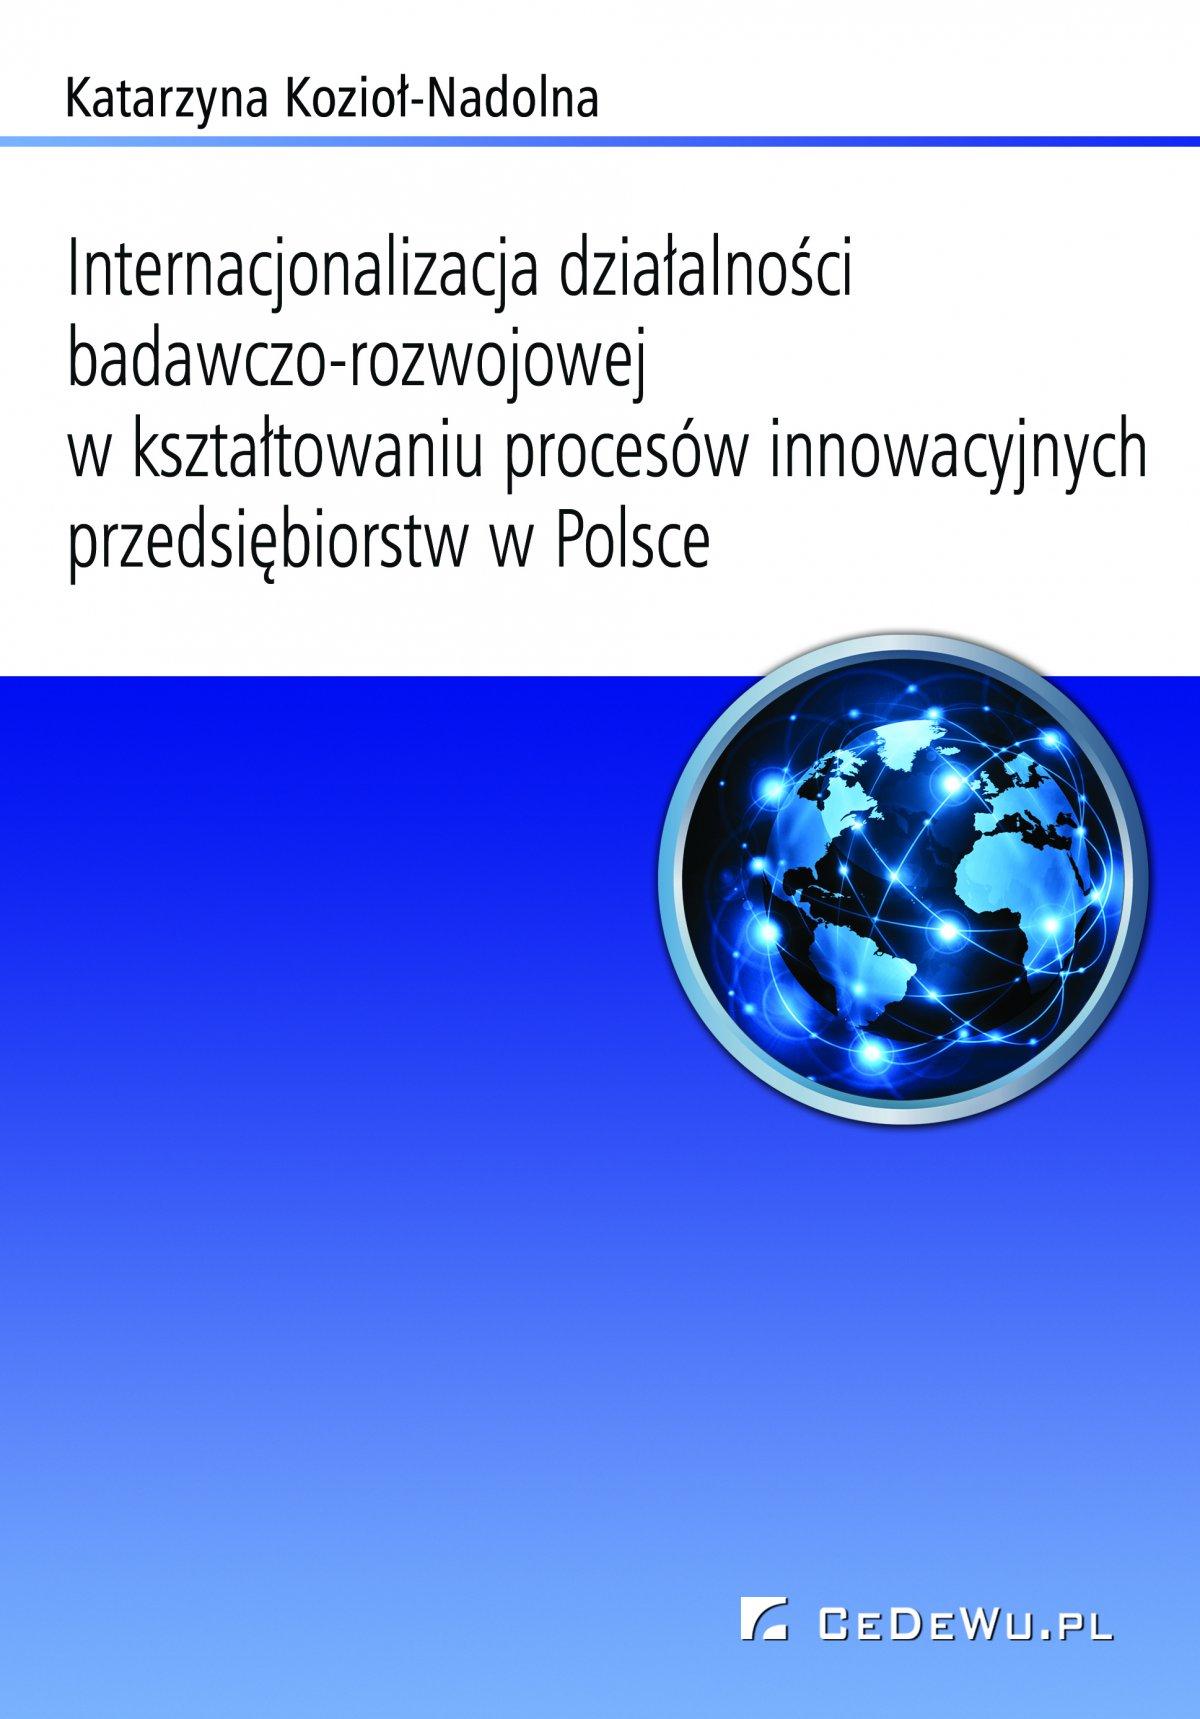 Internacjonalizacja działalności badawczo-rozwojowej w kształtowaniu procesów innowacyjnych przedsiębiorstw w Polsce. Rozdział 5. Metodyczne aspekty pomiaru działalności badawczo-rozwojowej oraz internacjonalizacji sfery badawczo-rozwojowej - Ebook (Książka PDF) do pobrania w formacie PDF